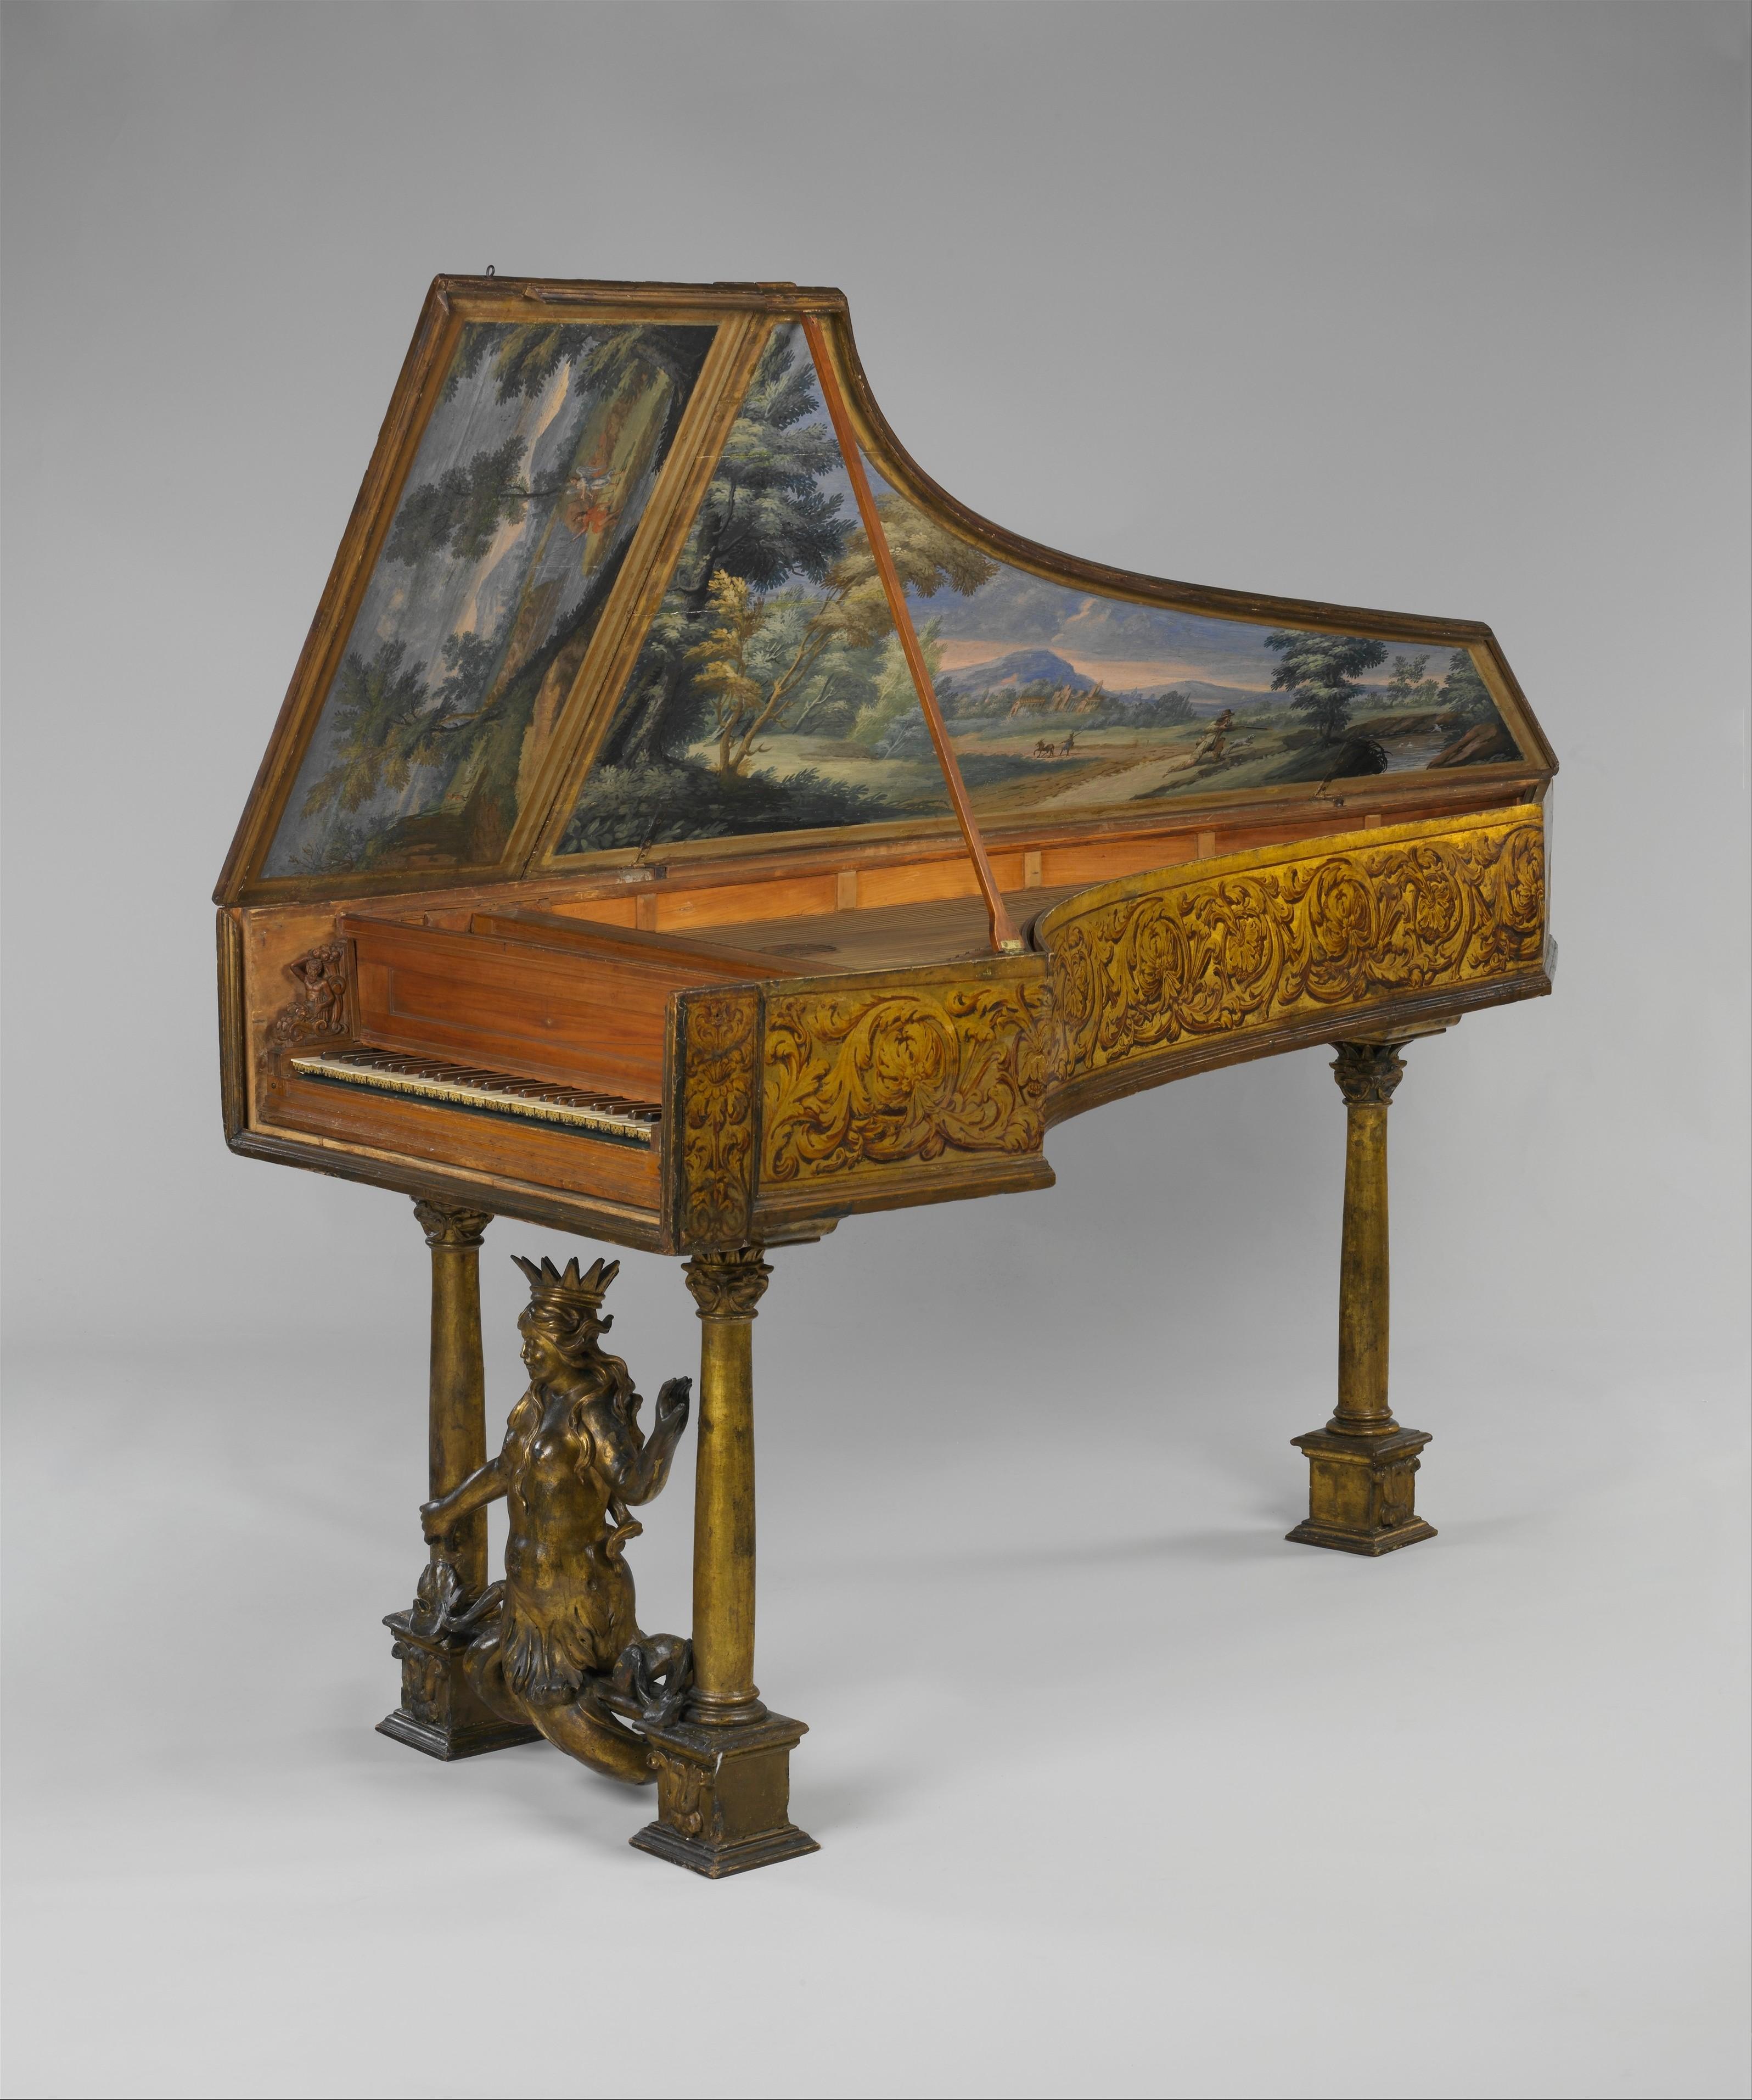 File:Harpsichord MET DP225544.jpg - Wikimedia Commons